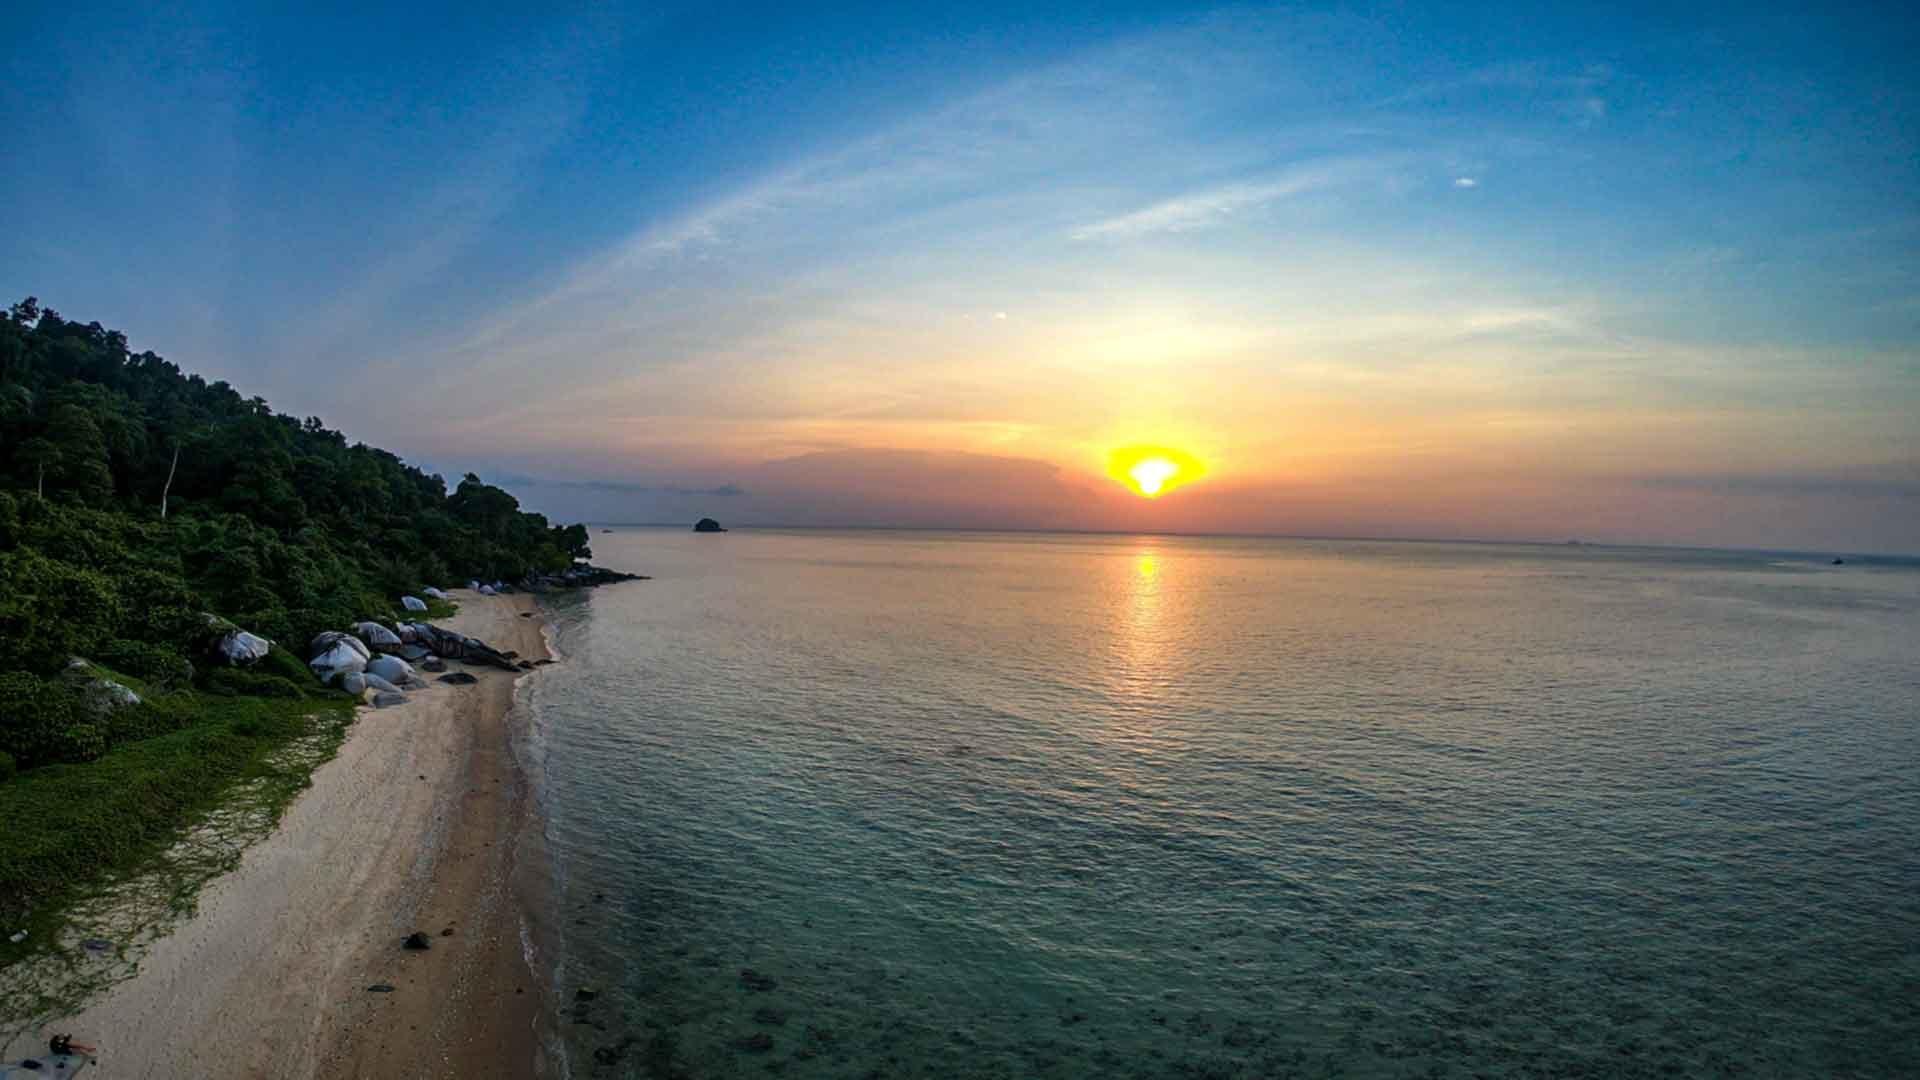 Tekek Village - Tioman Island, Malaysia 1